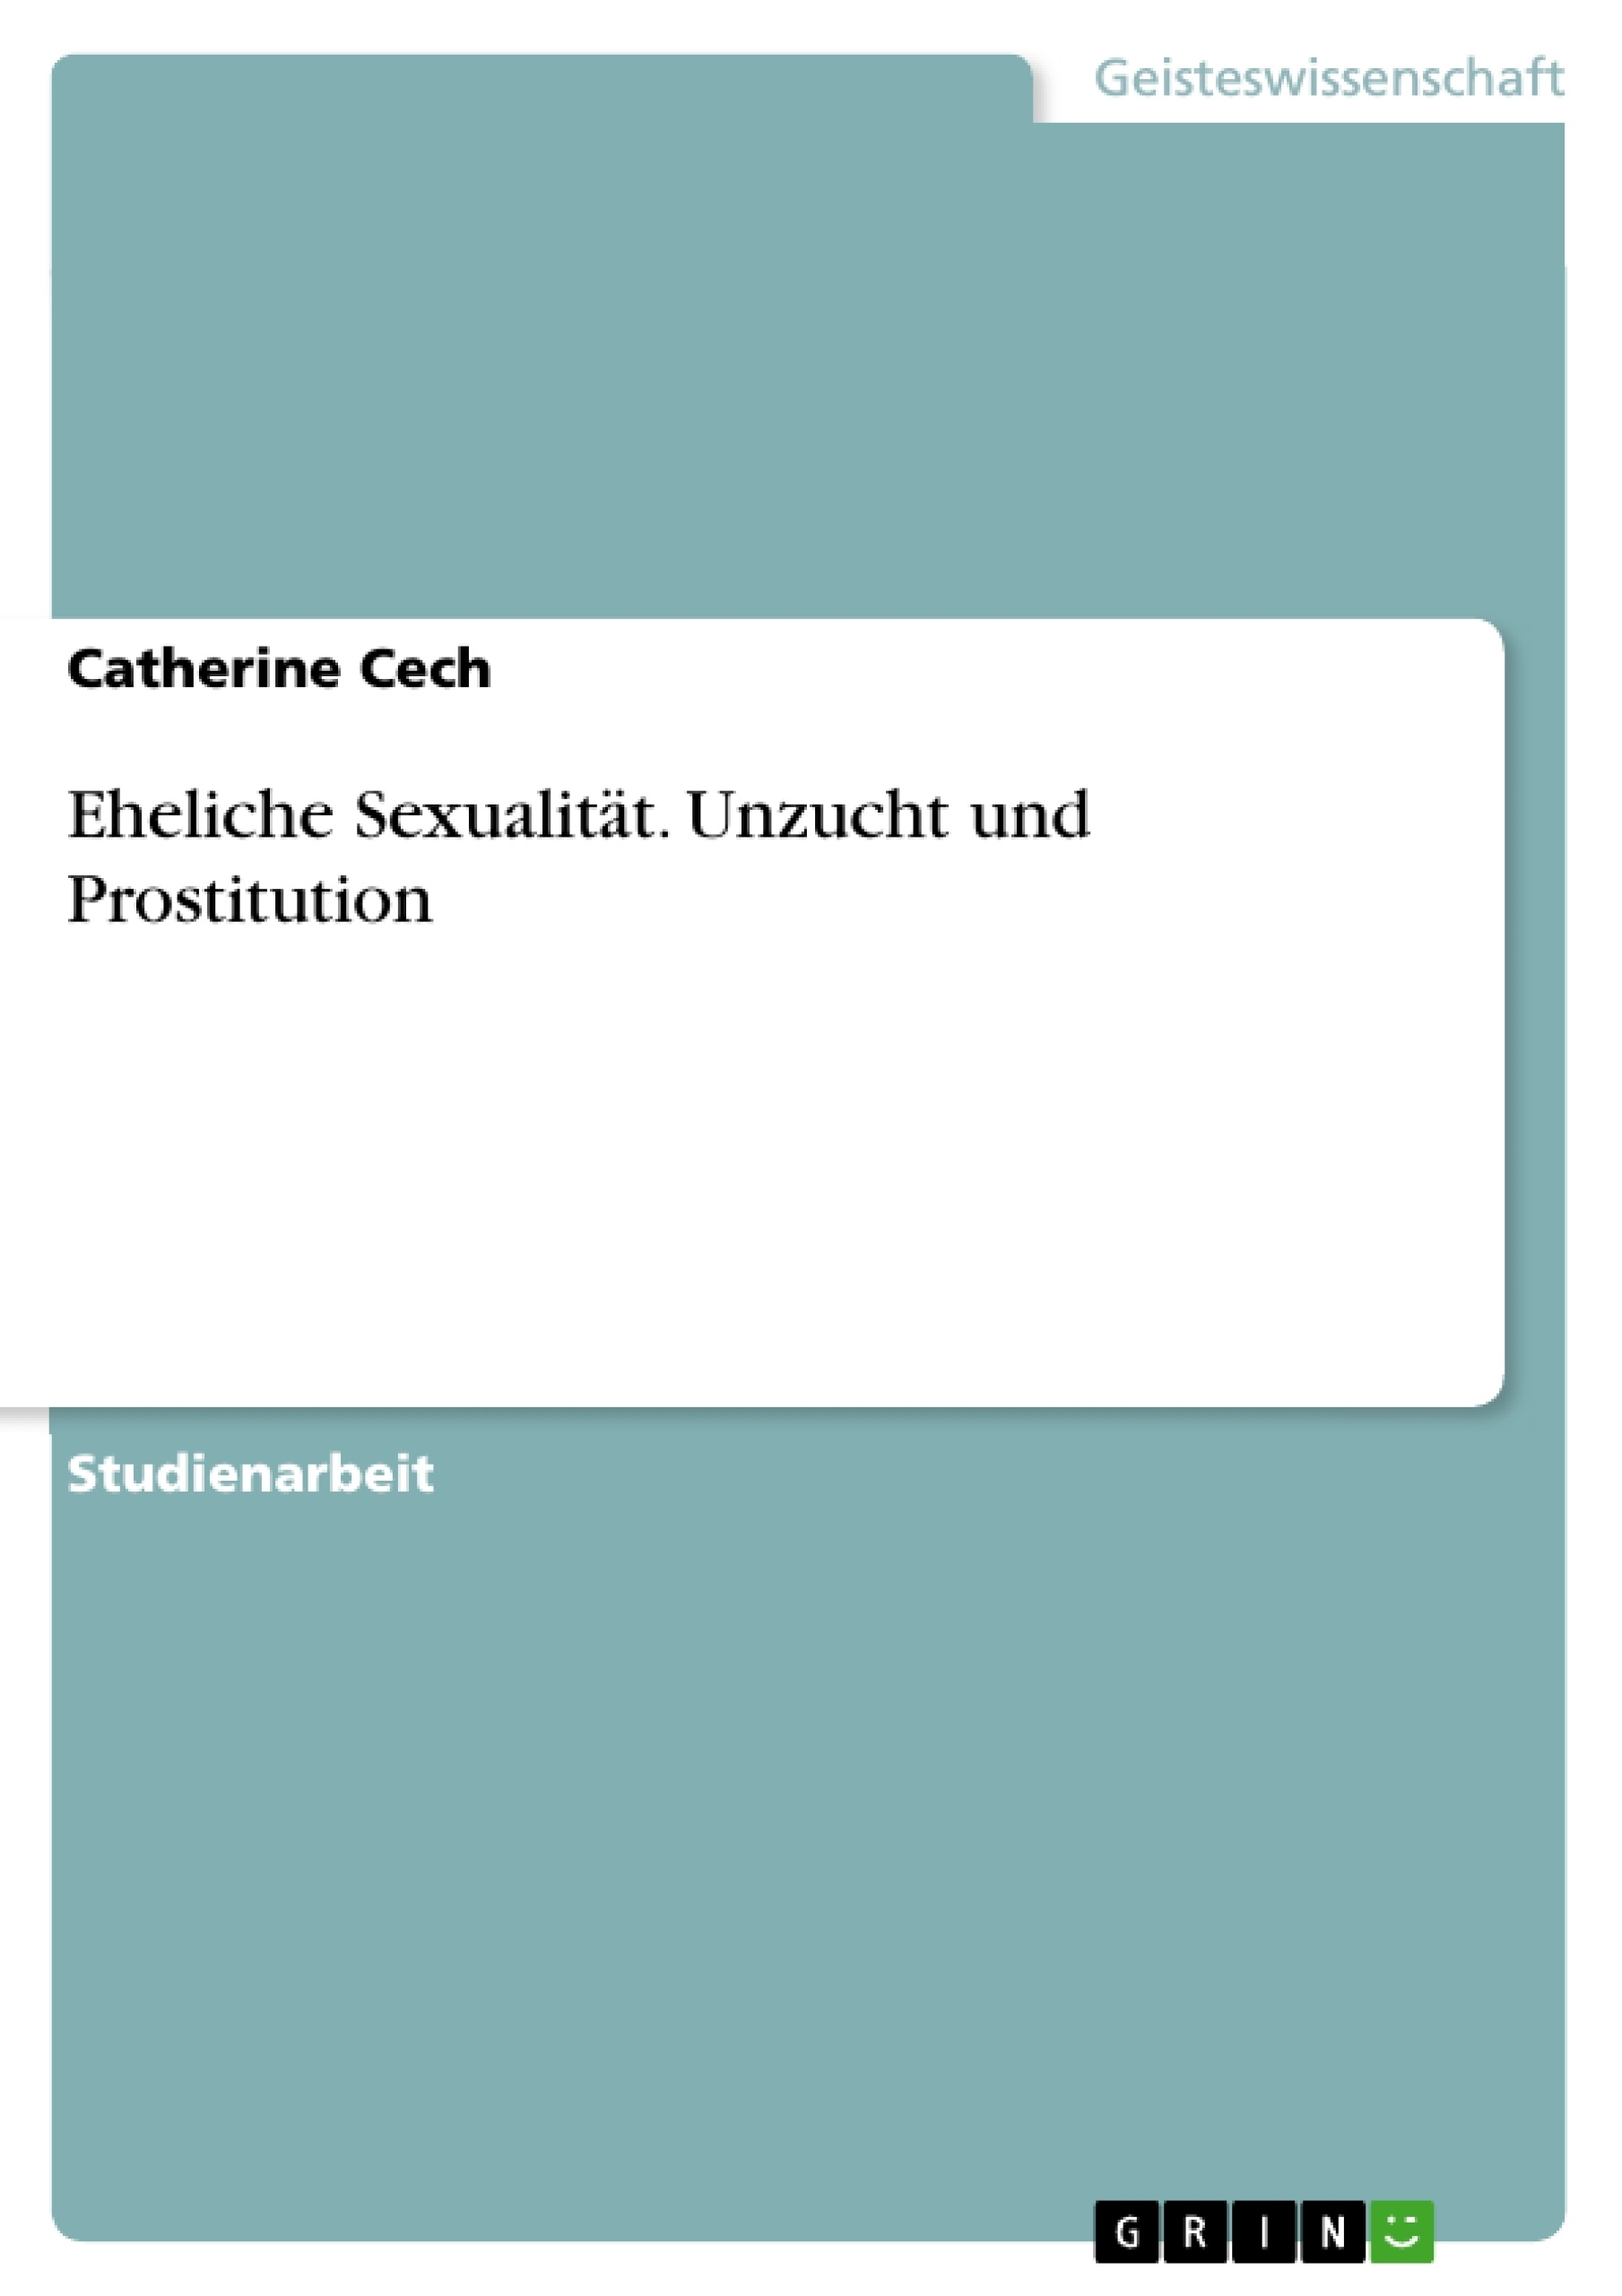 Titel: Eheliche Sexualität. Unzucht und Prostitution